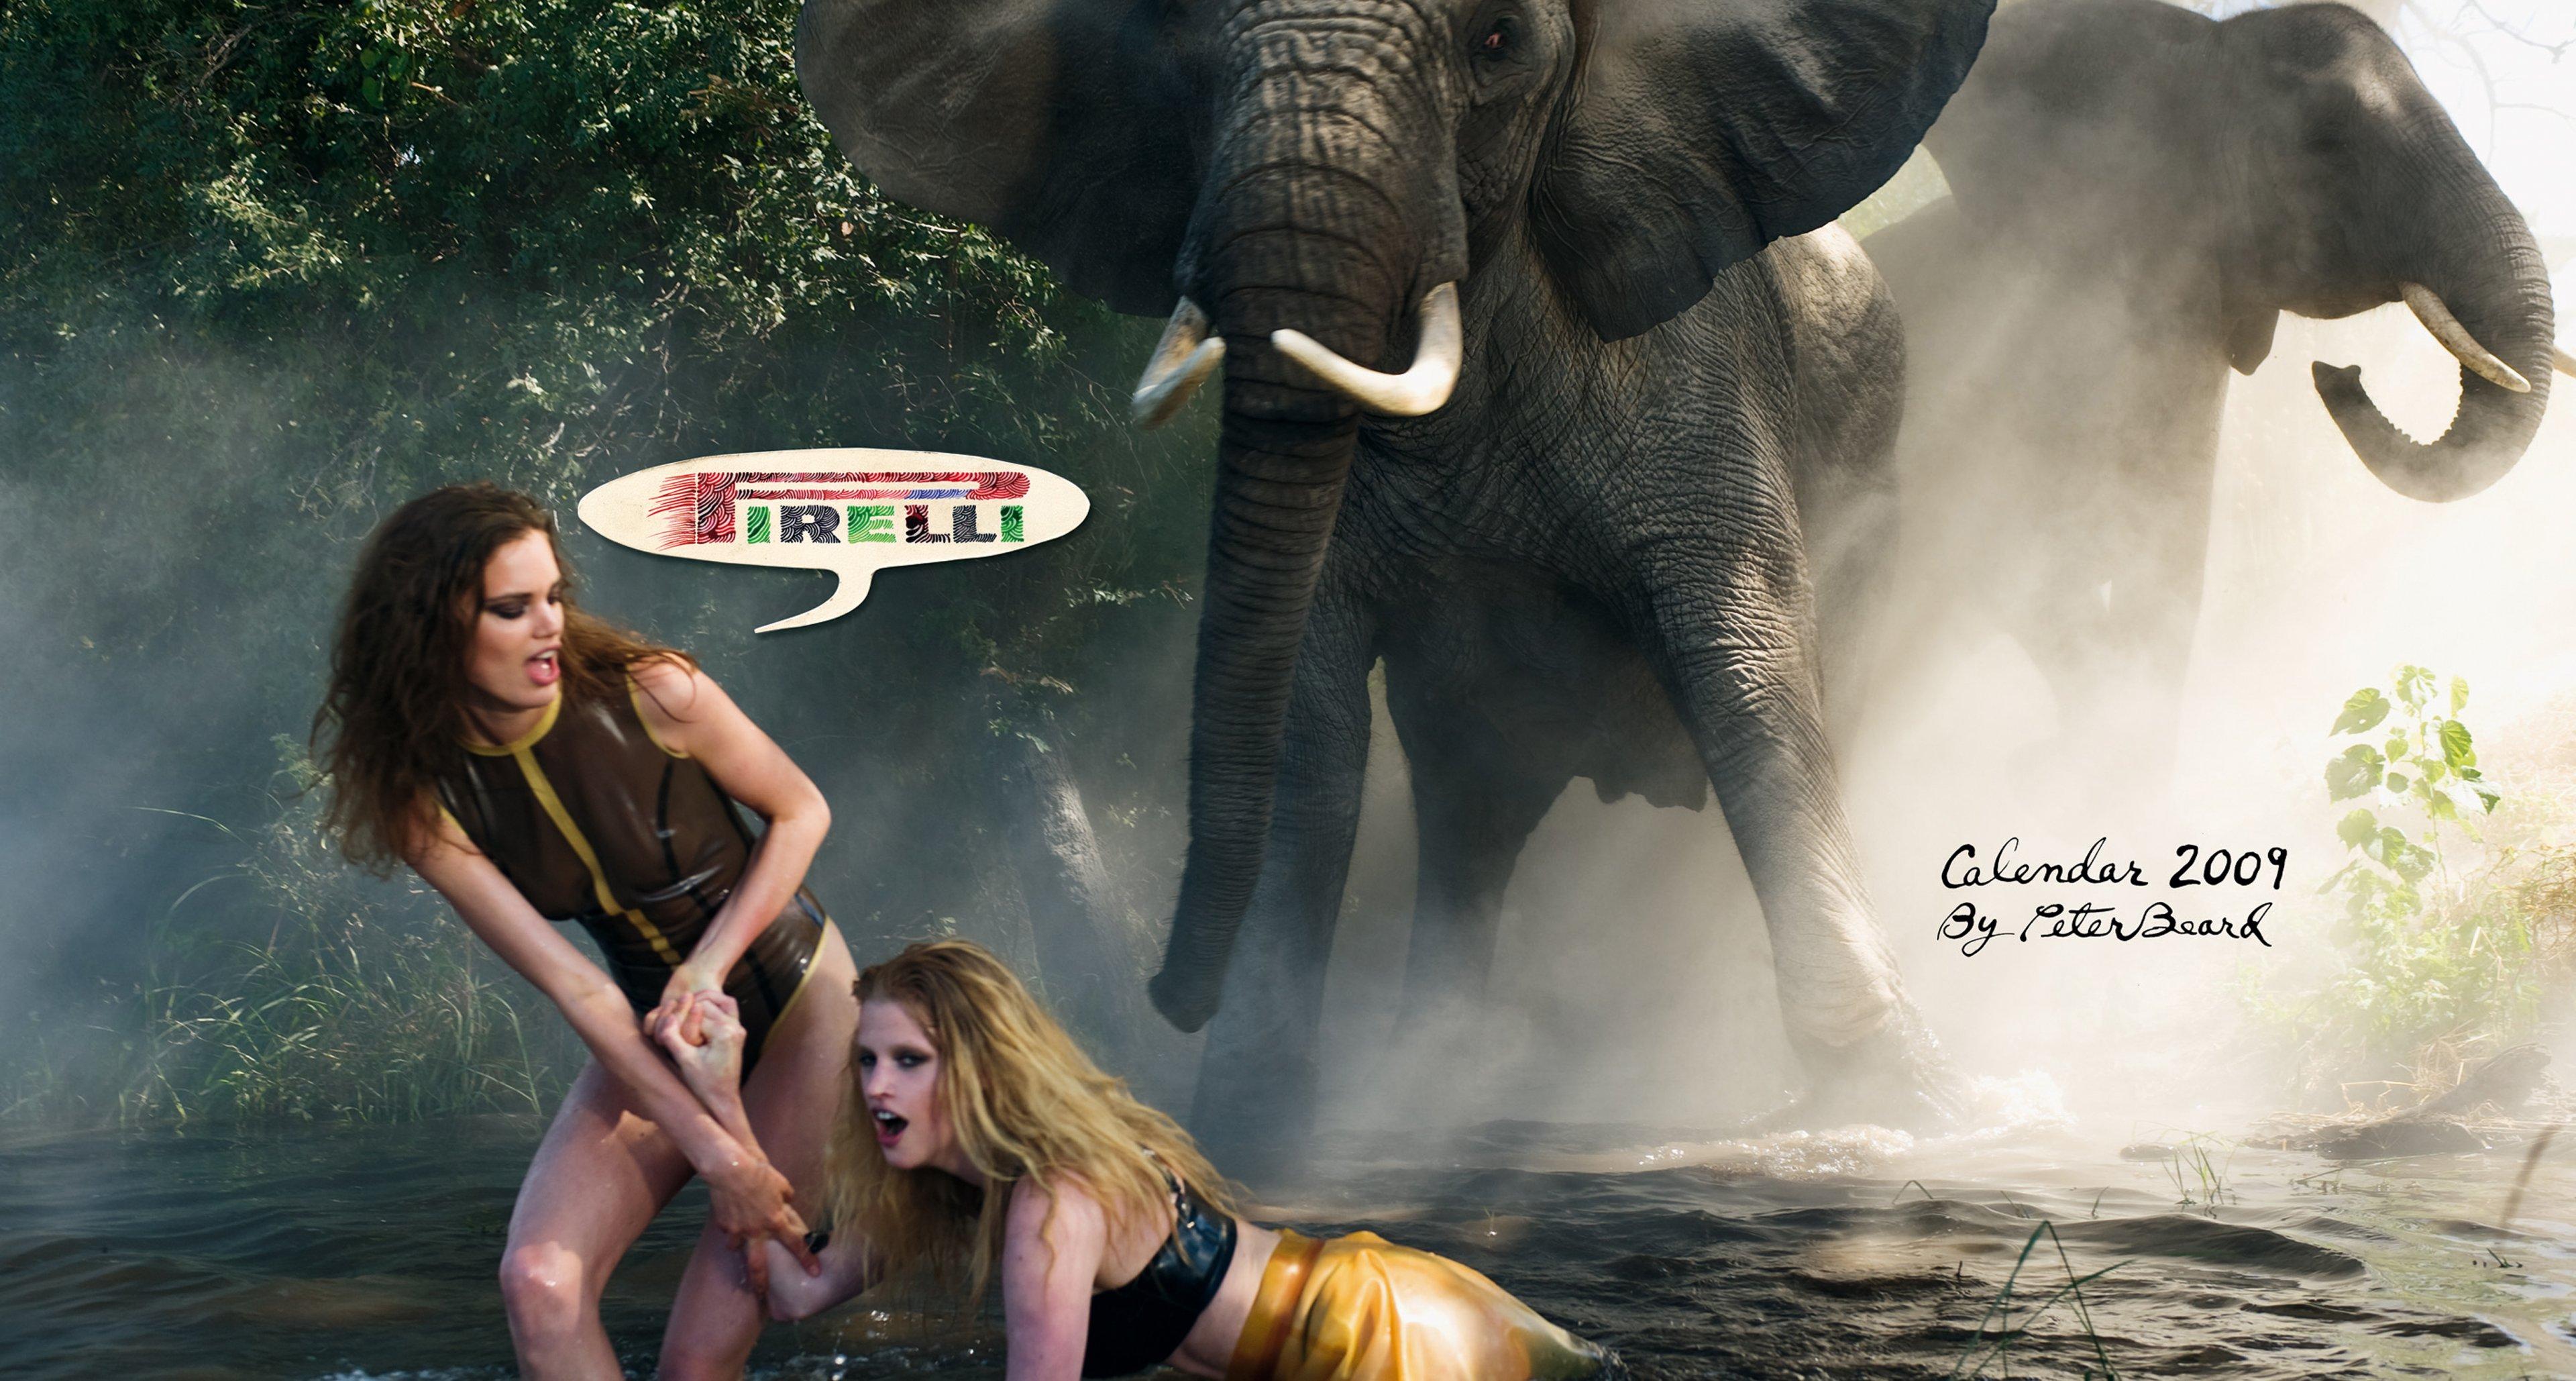 Cal' Girls: Best Pirelli calendar pics since 1964 ...